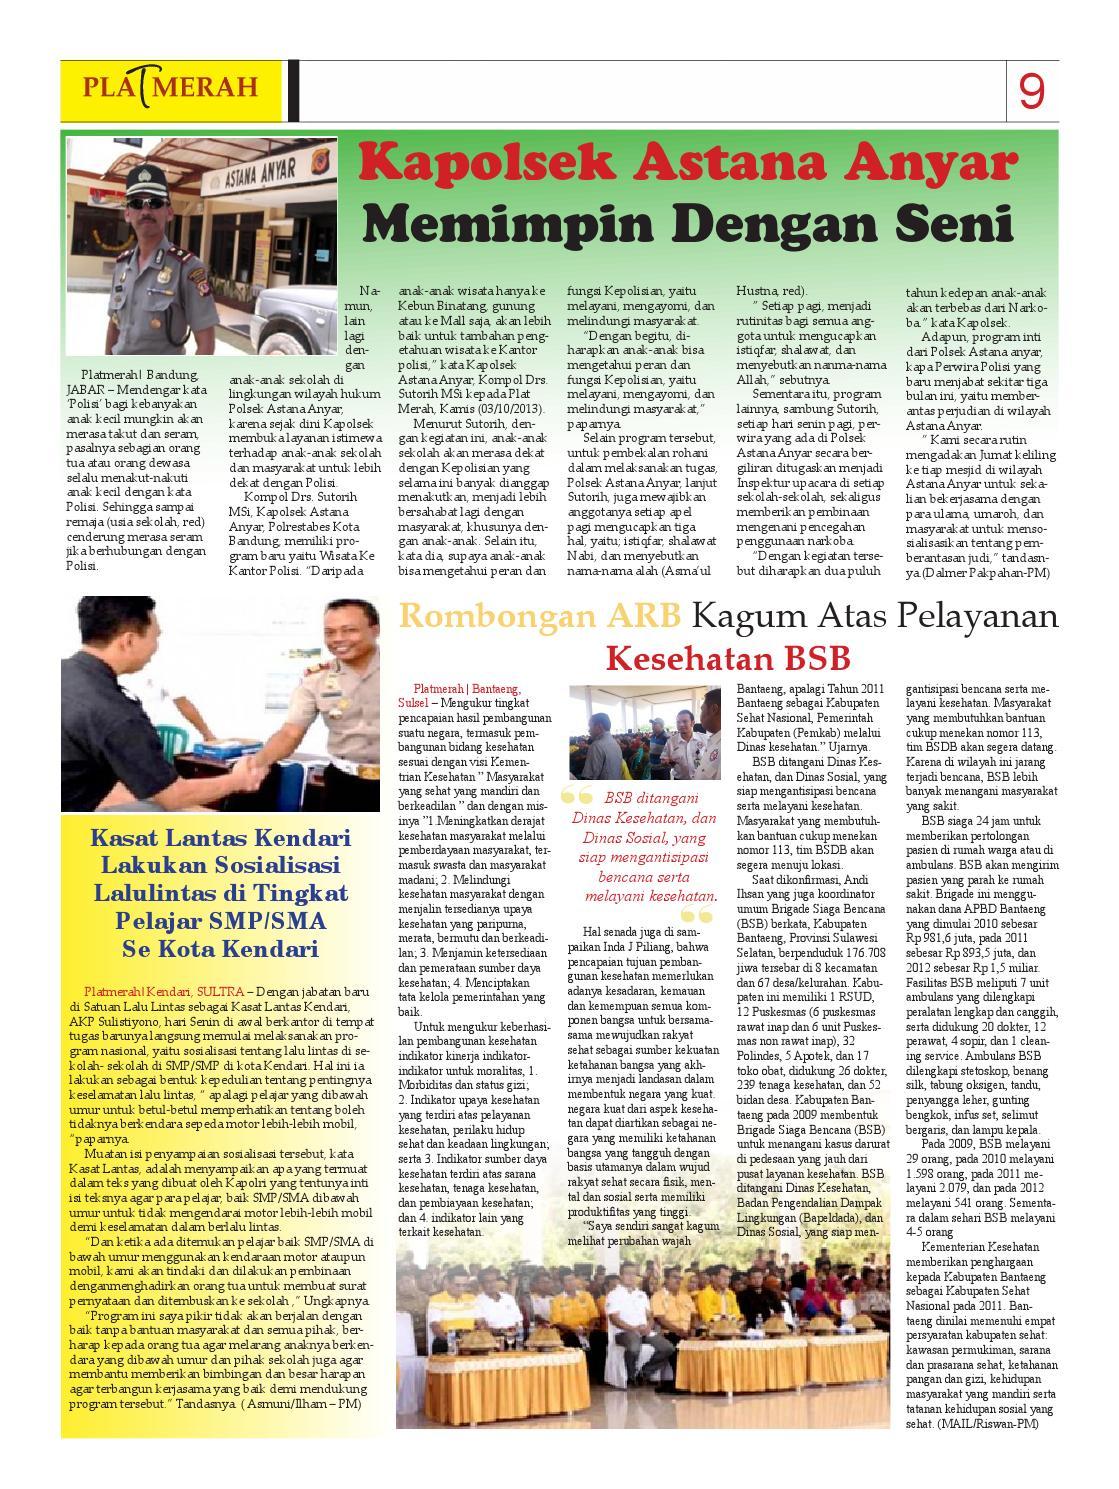 Edisi Oktober 2013 Bongkar Fakta Tajam Dan Terarah By